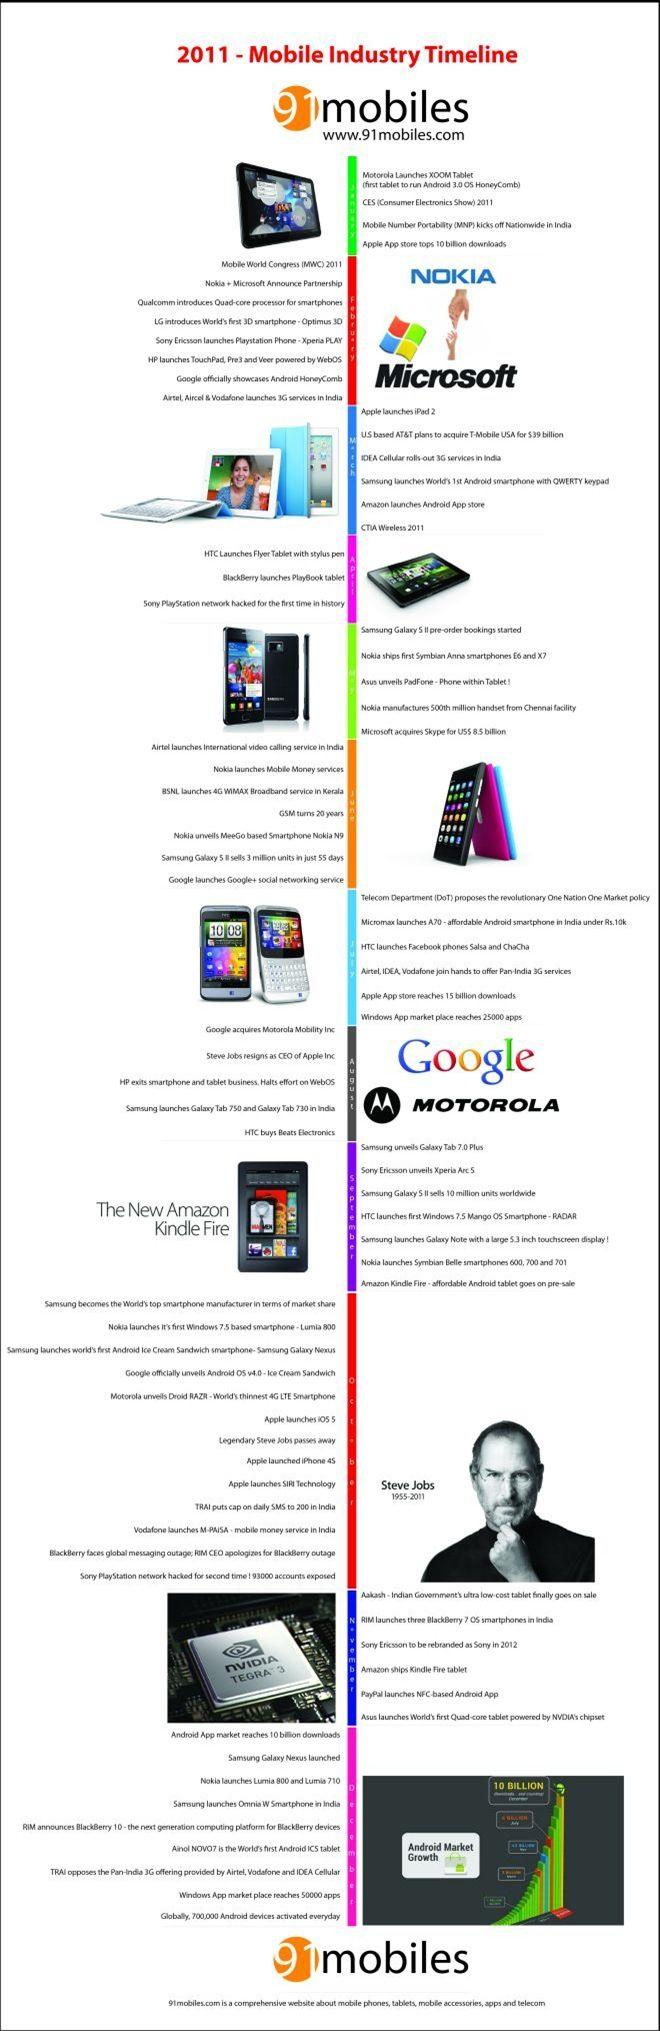 91m-2011-timeline-final